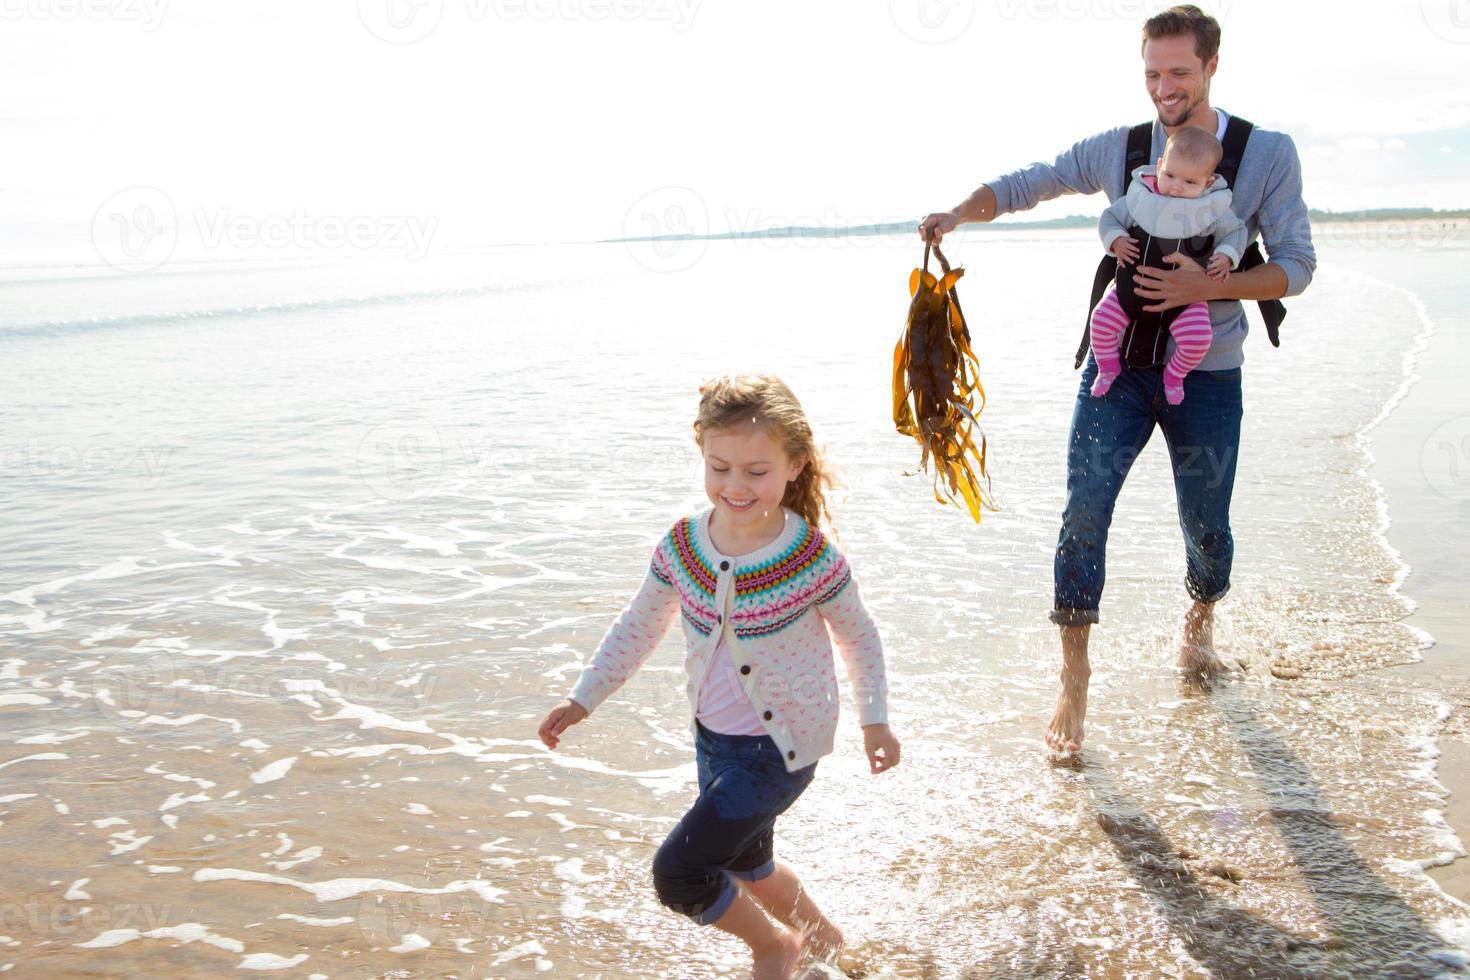 padre con hijos en la playa foto